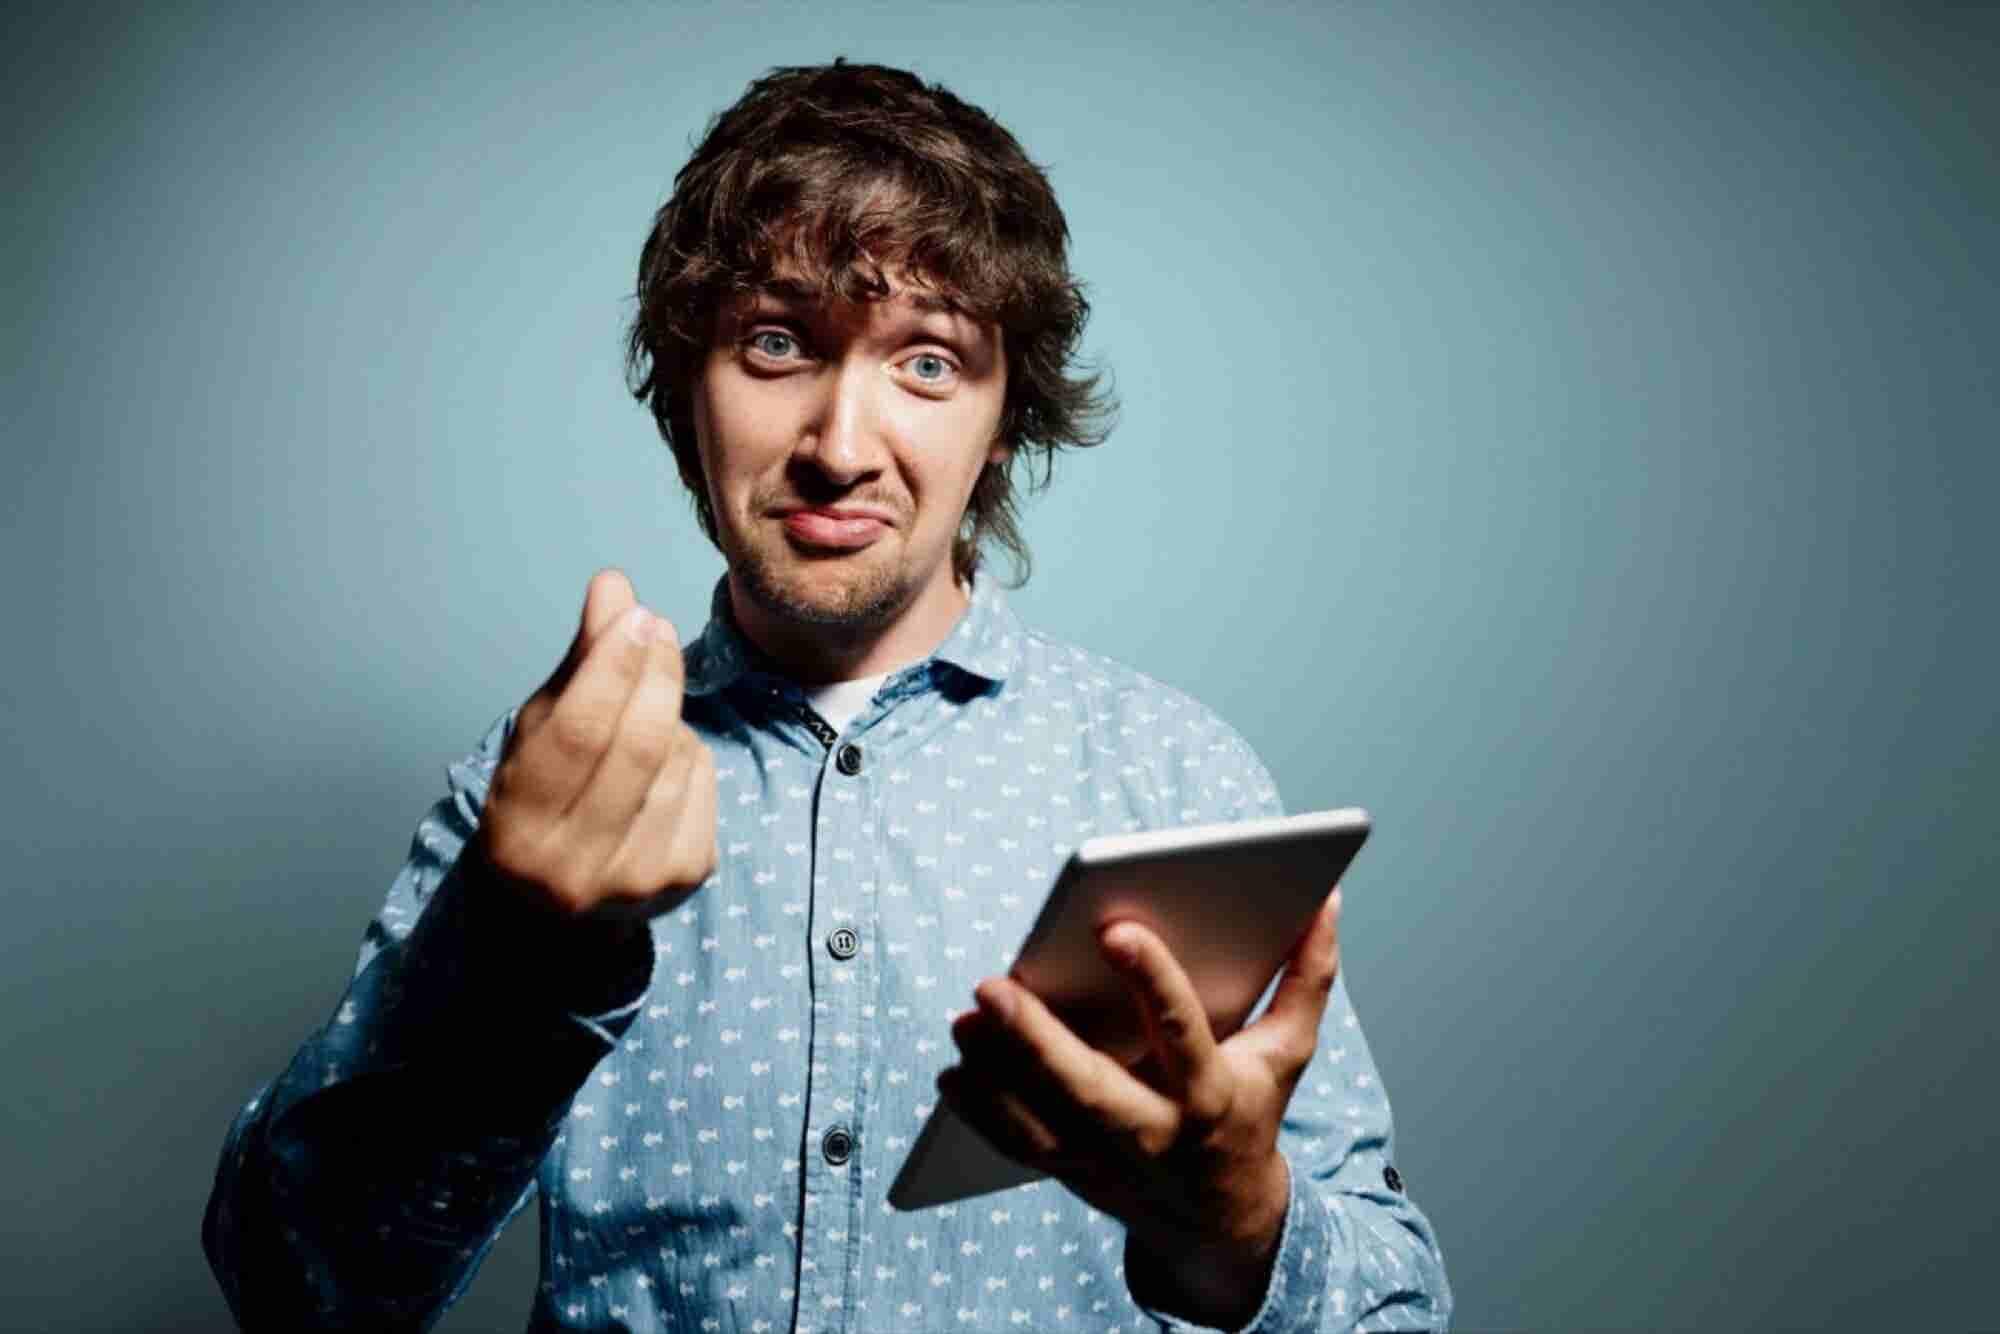 10 formas de motivar a tus empleados (sin dinero)